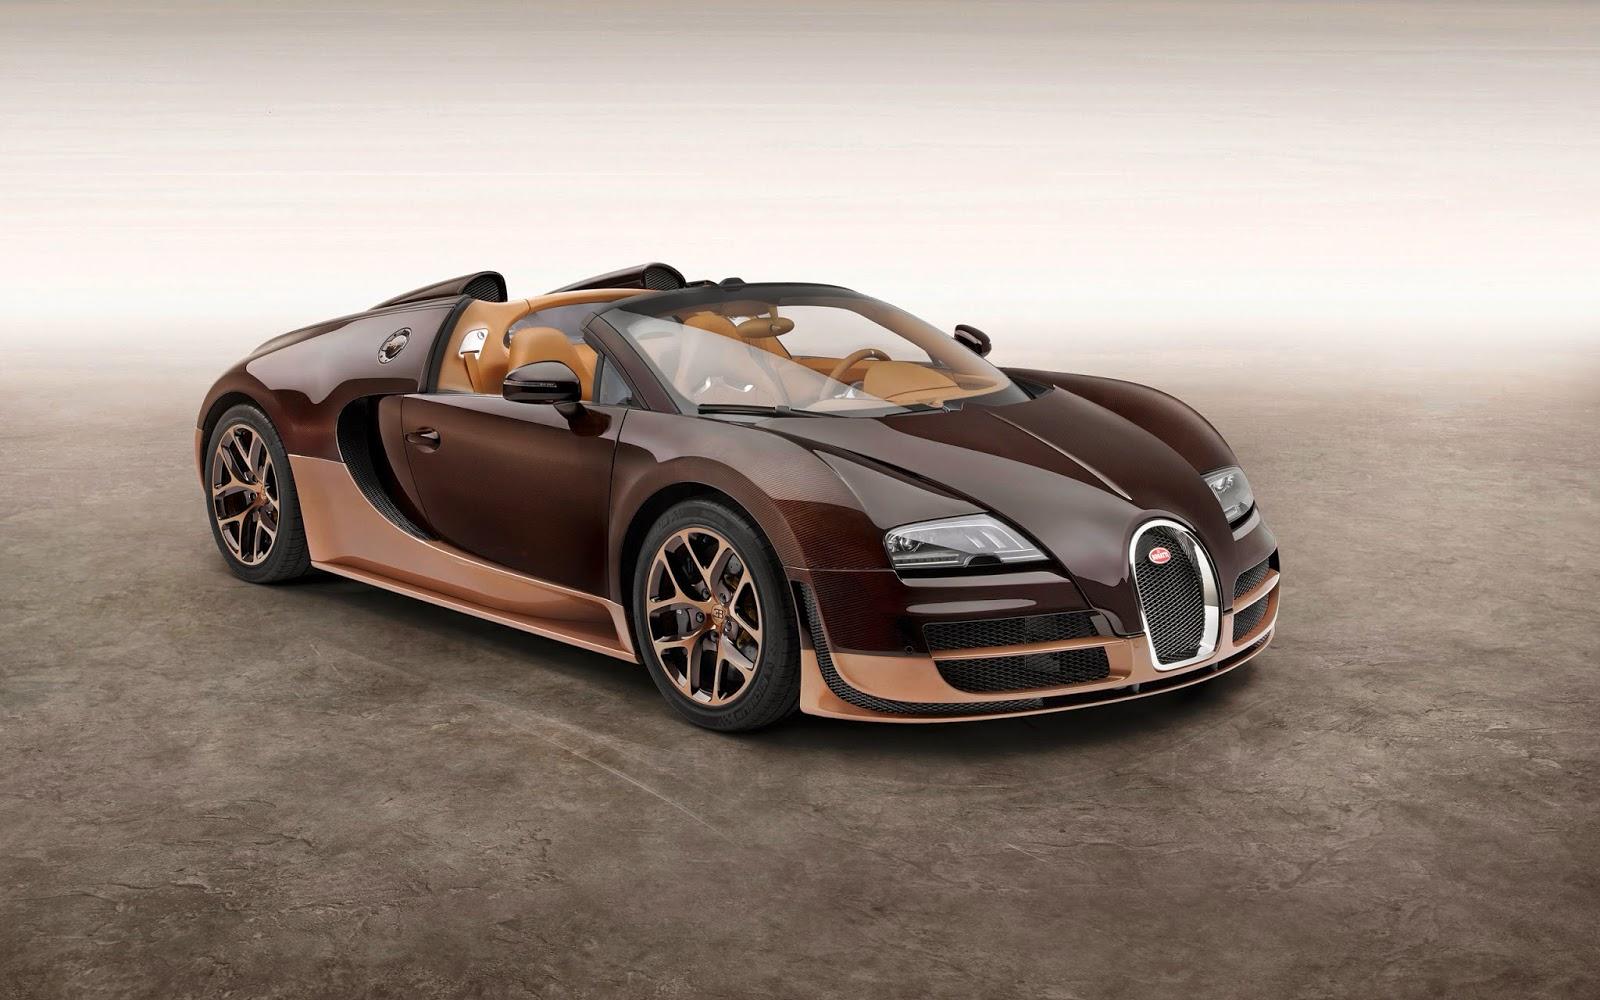 """<img src=""""http://4.bp.blogspot.com/-r11zVW_QMWk/UzEwfcb2YhI/AAAAAAAALMA/T5xYUAXiIL8/s1600/2014-bugatti-wallpaper.jpg"""" alt=""""Bugatti Wallpapers"""" />"""